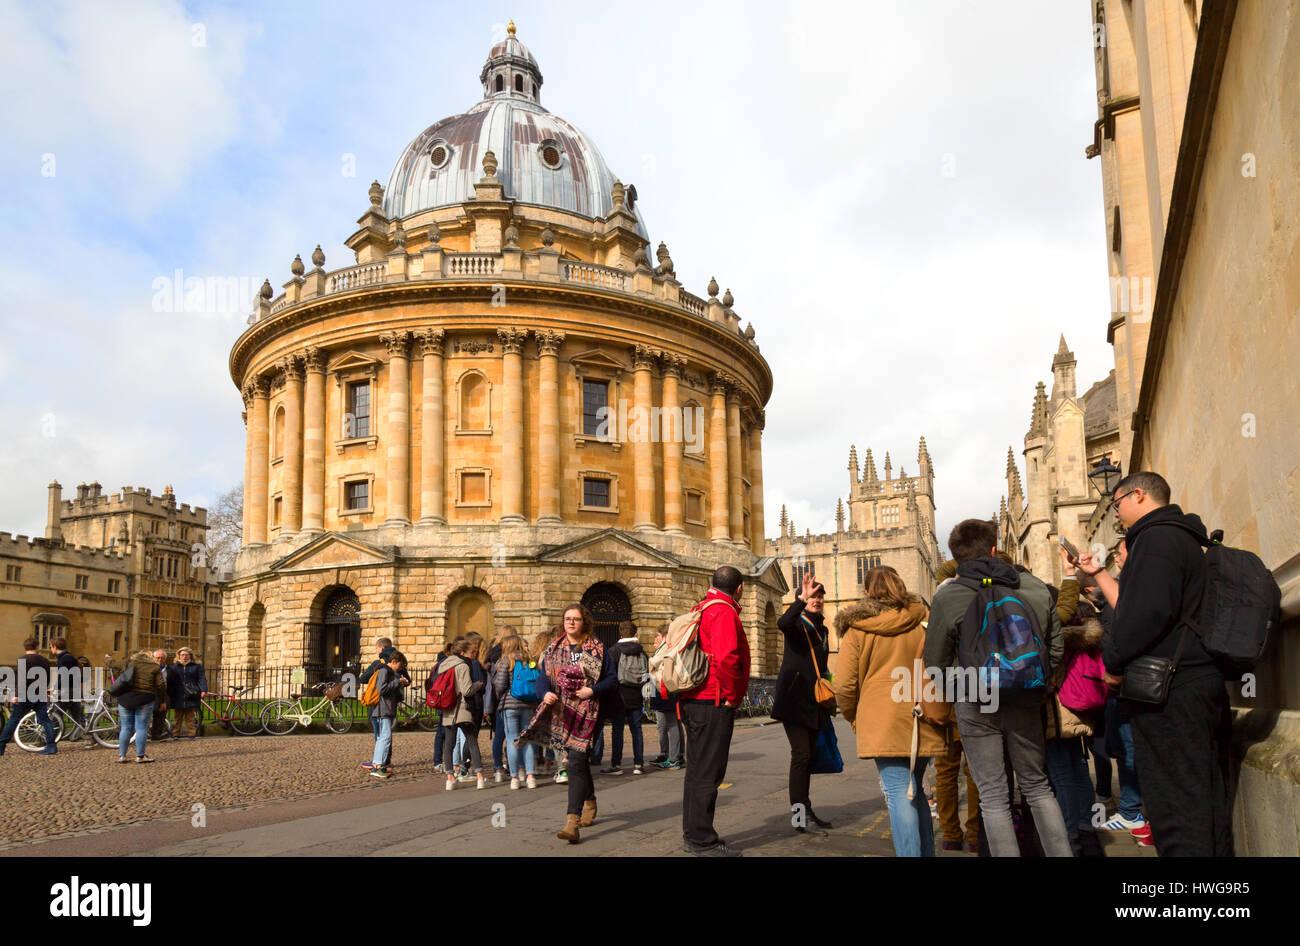 Università di Oxford gli studenti a Radcliffe Camera, centro di Oxford, Oxford Regno Unito Immagini Stock